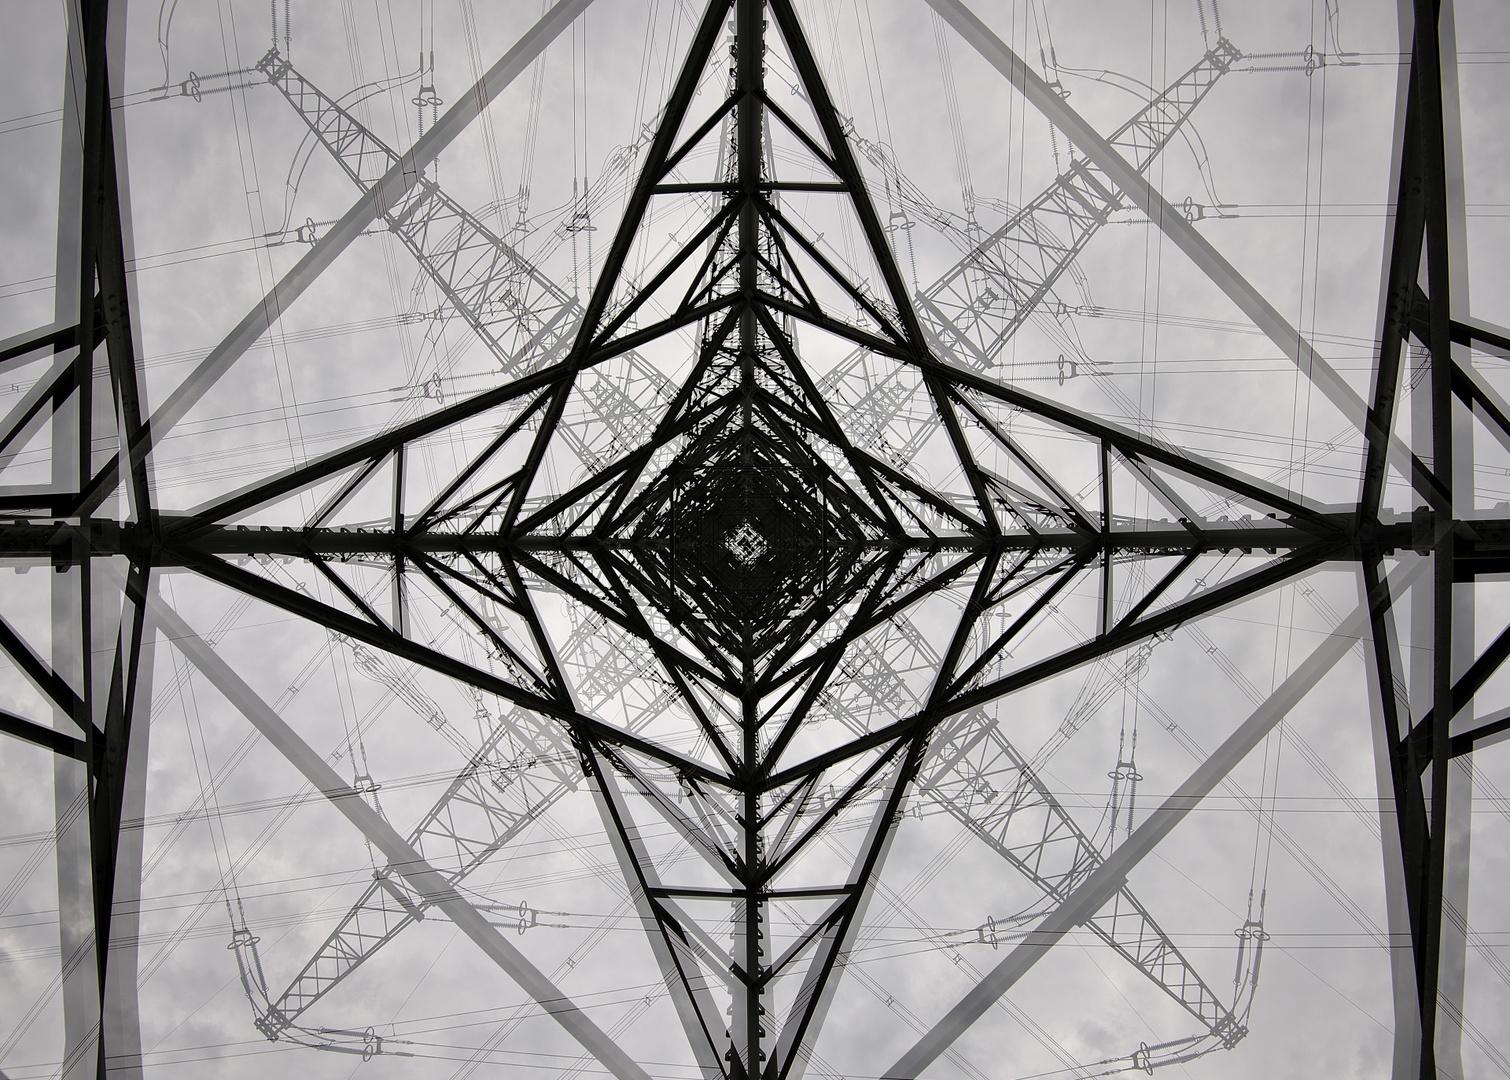 Doppelbelichtung Strommast: Zwei Bilder in einem.